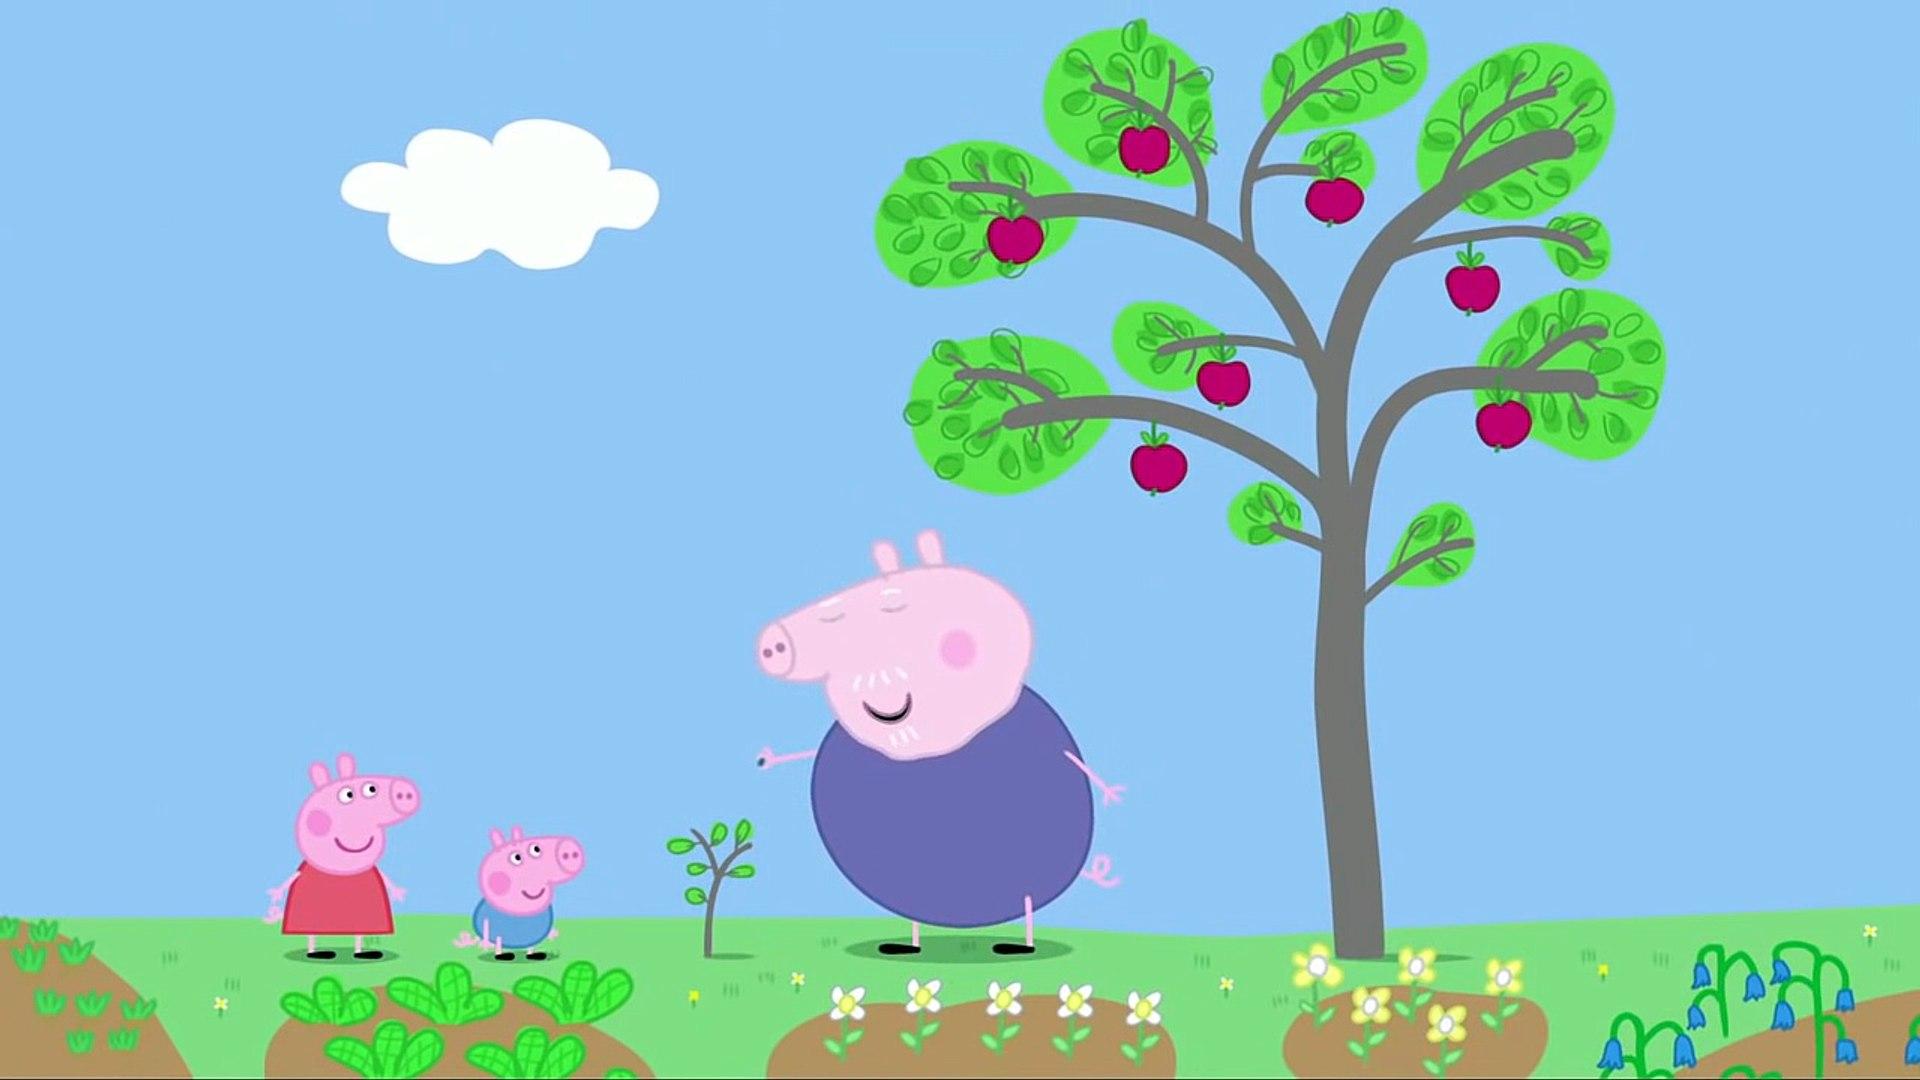 Свинка Пеппа на русском все серии подряд без титров на весь экран сезон 1 серия 10 В саду от 1akm